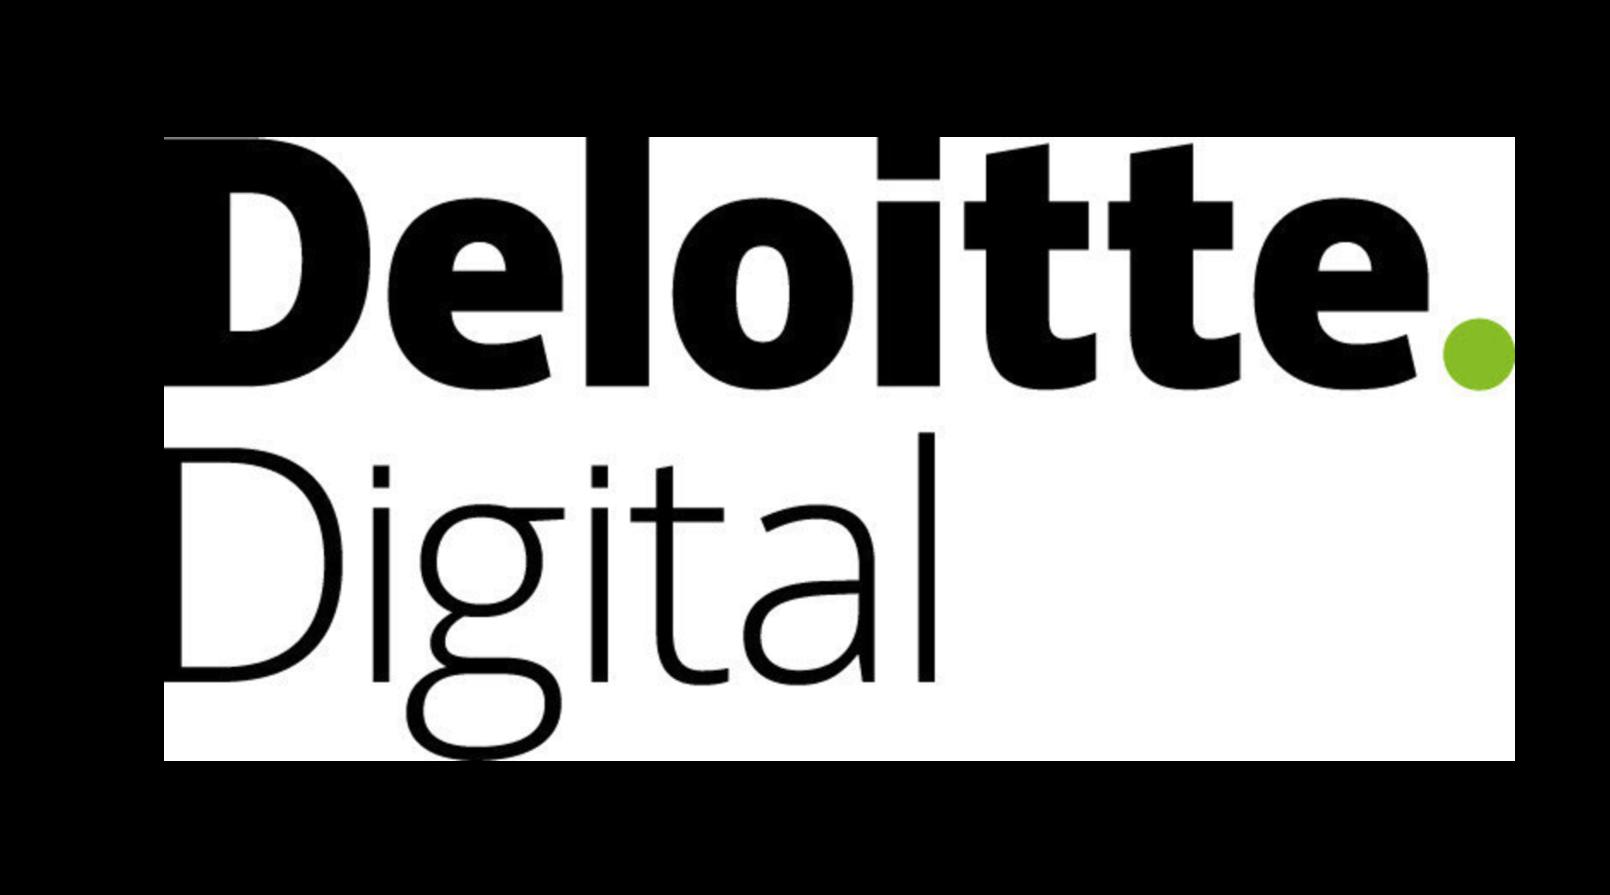 Logo for Deloitte Digital